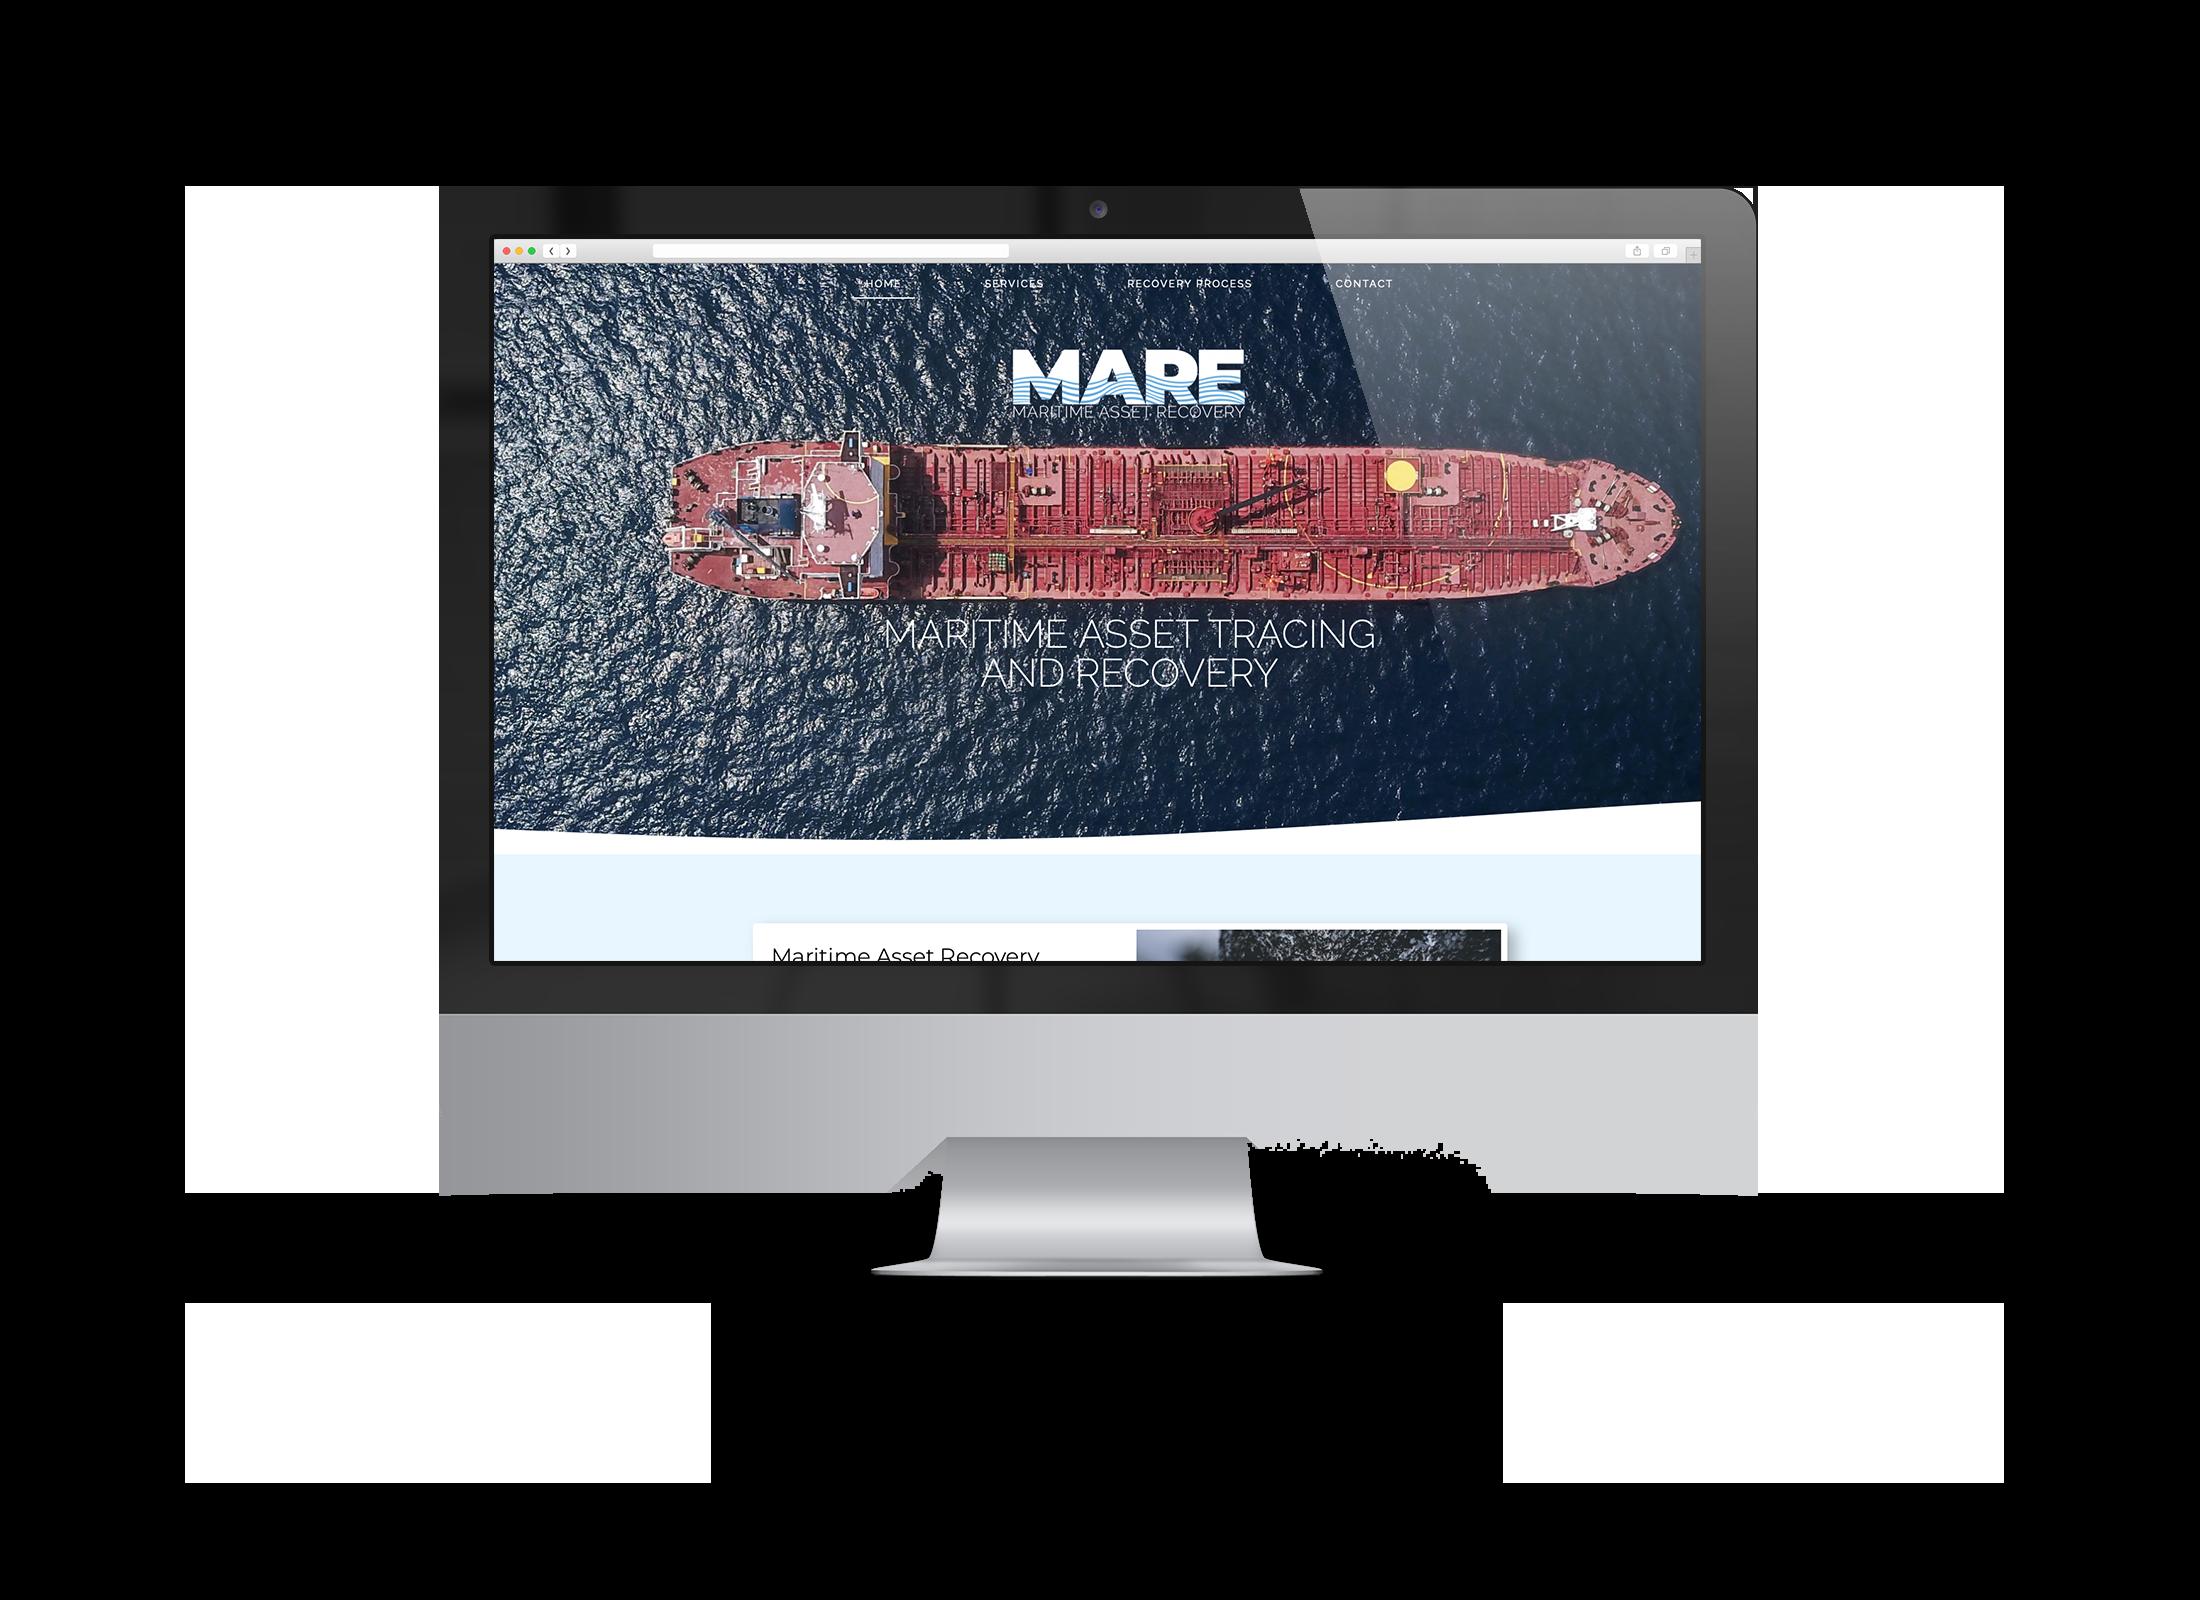 iMac-Mockup_Mare